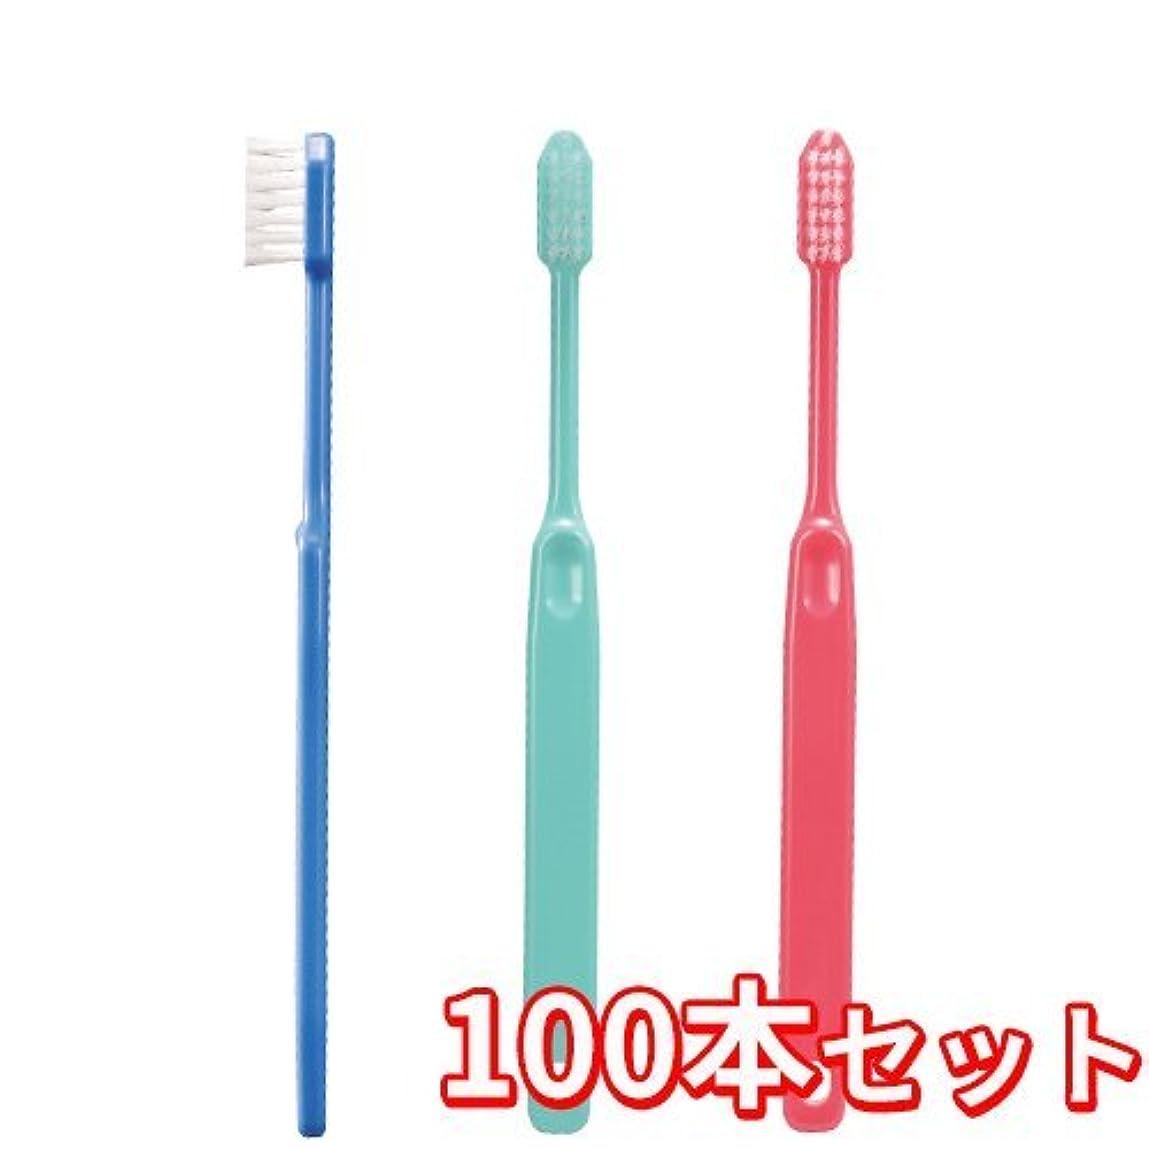 圧力狂ったミンチCiメディカル 歯ブラシ コンパクトヘッド 疎毛タイプ アソート 100本 (Ci25(やわらかめ))